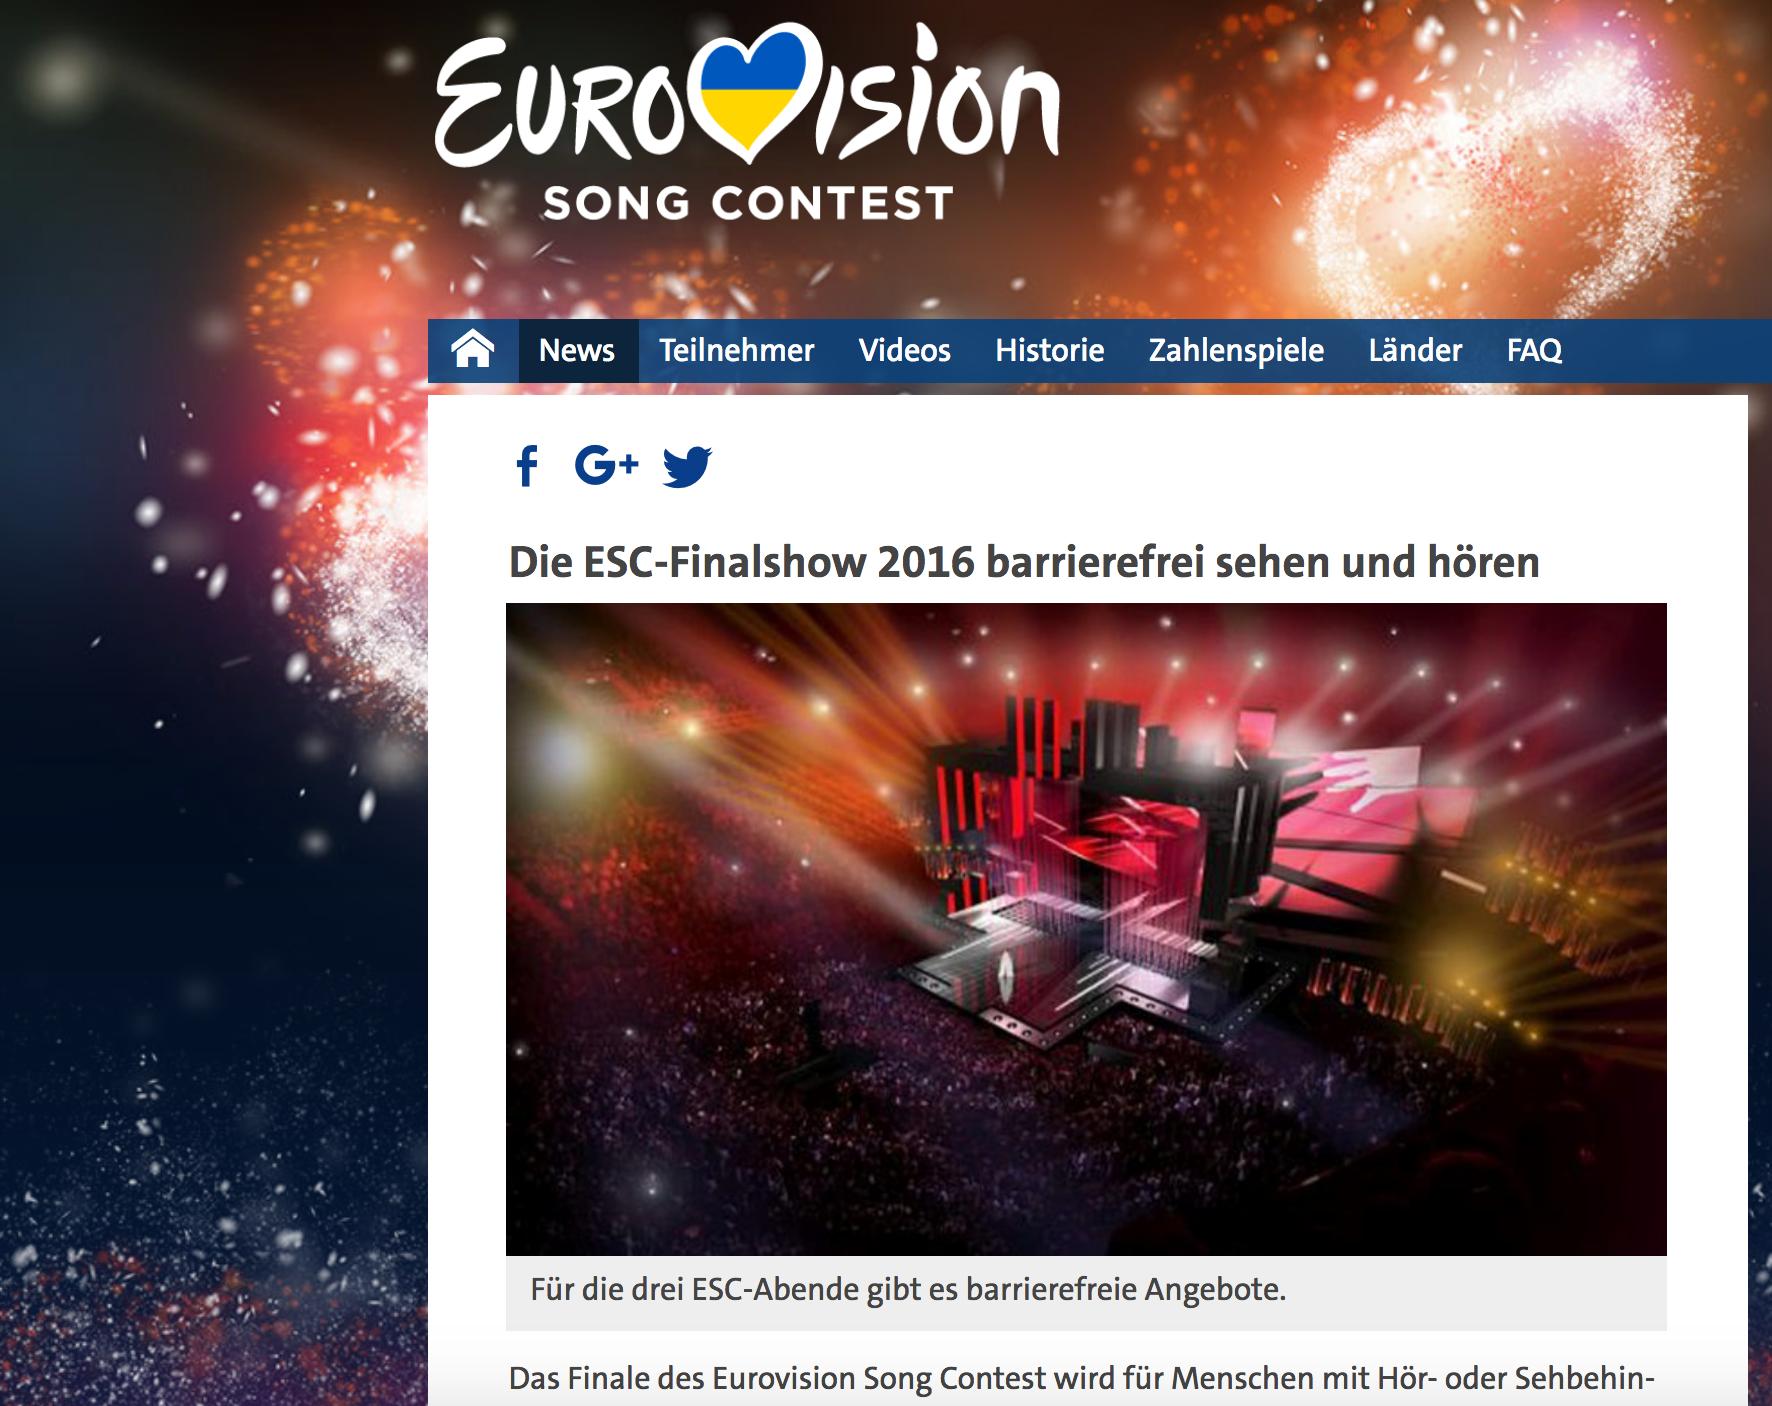 """Ein Screenshot von der Seite des Eurovision Song Contest. Die Überschrift """"Die ESC-Finalshow 2016 barrierefrei sehen und hören"""". Man sieht die Bühne mit vielen Zuschauerinnen und Zuschauern."""